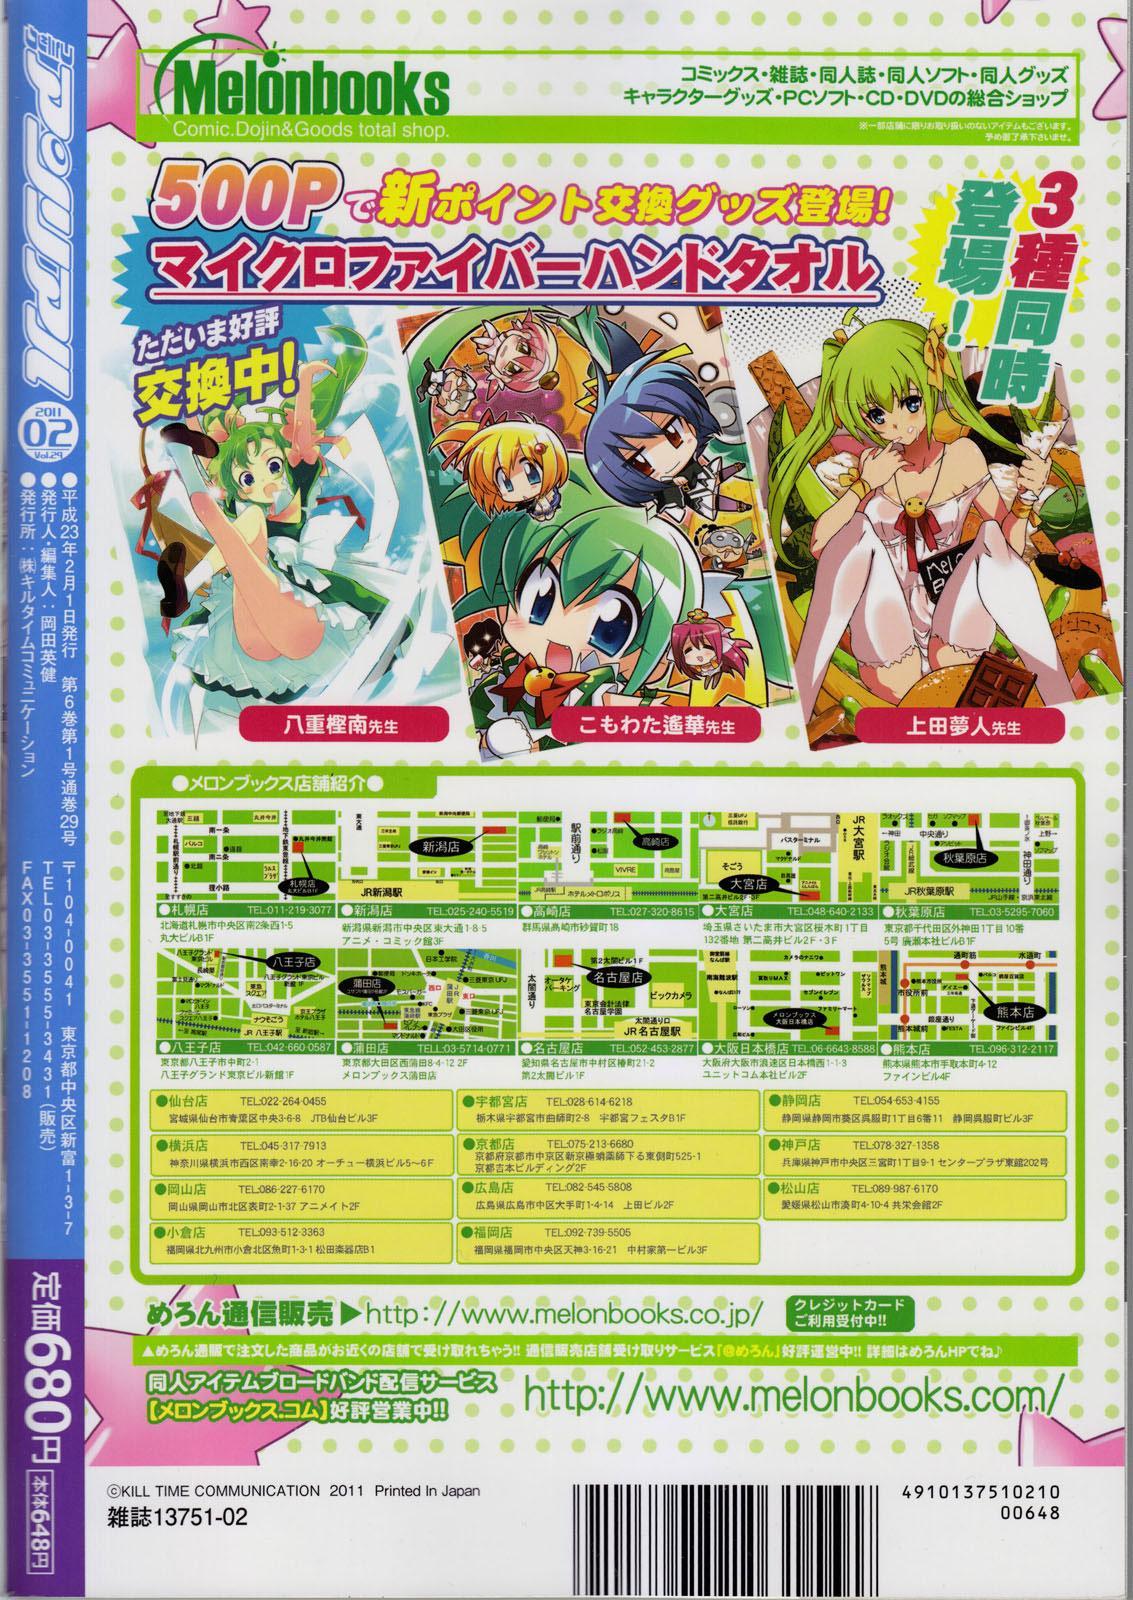 COMIC Unreal 2011-02 Vol. 29 + Mogudan Calendar 2011 1